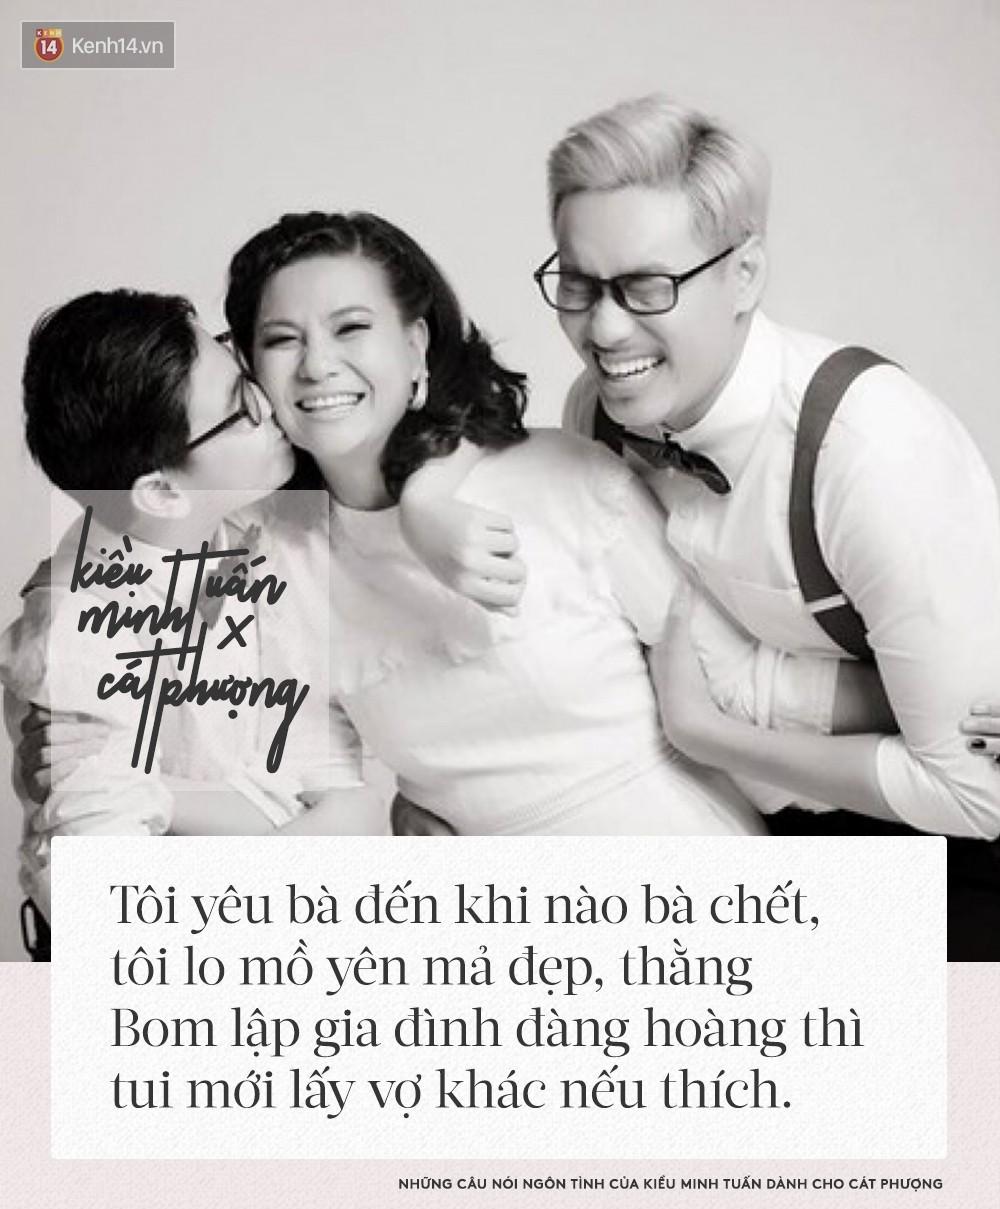 Kiều Minh Tuấn từng nói: Nếu Cát Phượng có mất, sẽ làm mồ yên mả đẹp, cưới vợ cho cu Bom rồi mới tính tới chuyện khác - Ảnh 2.